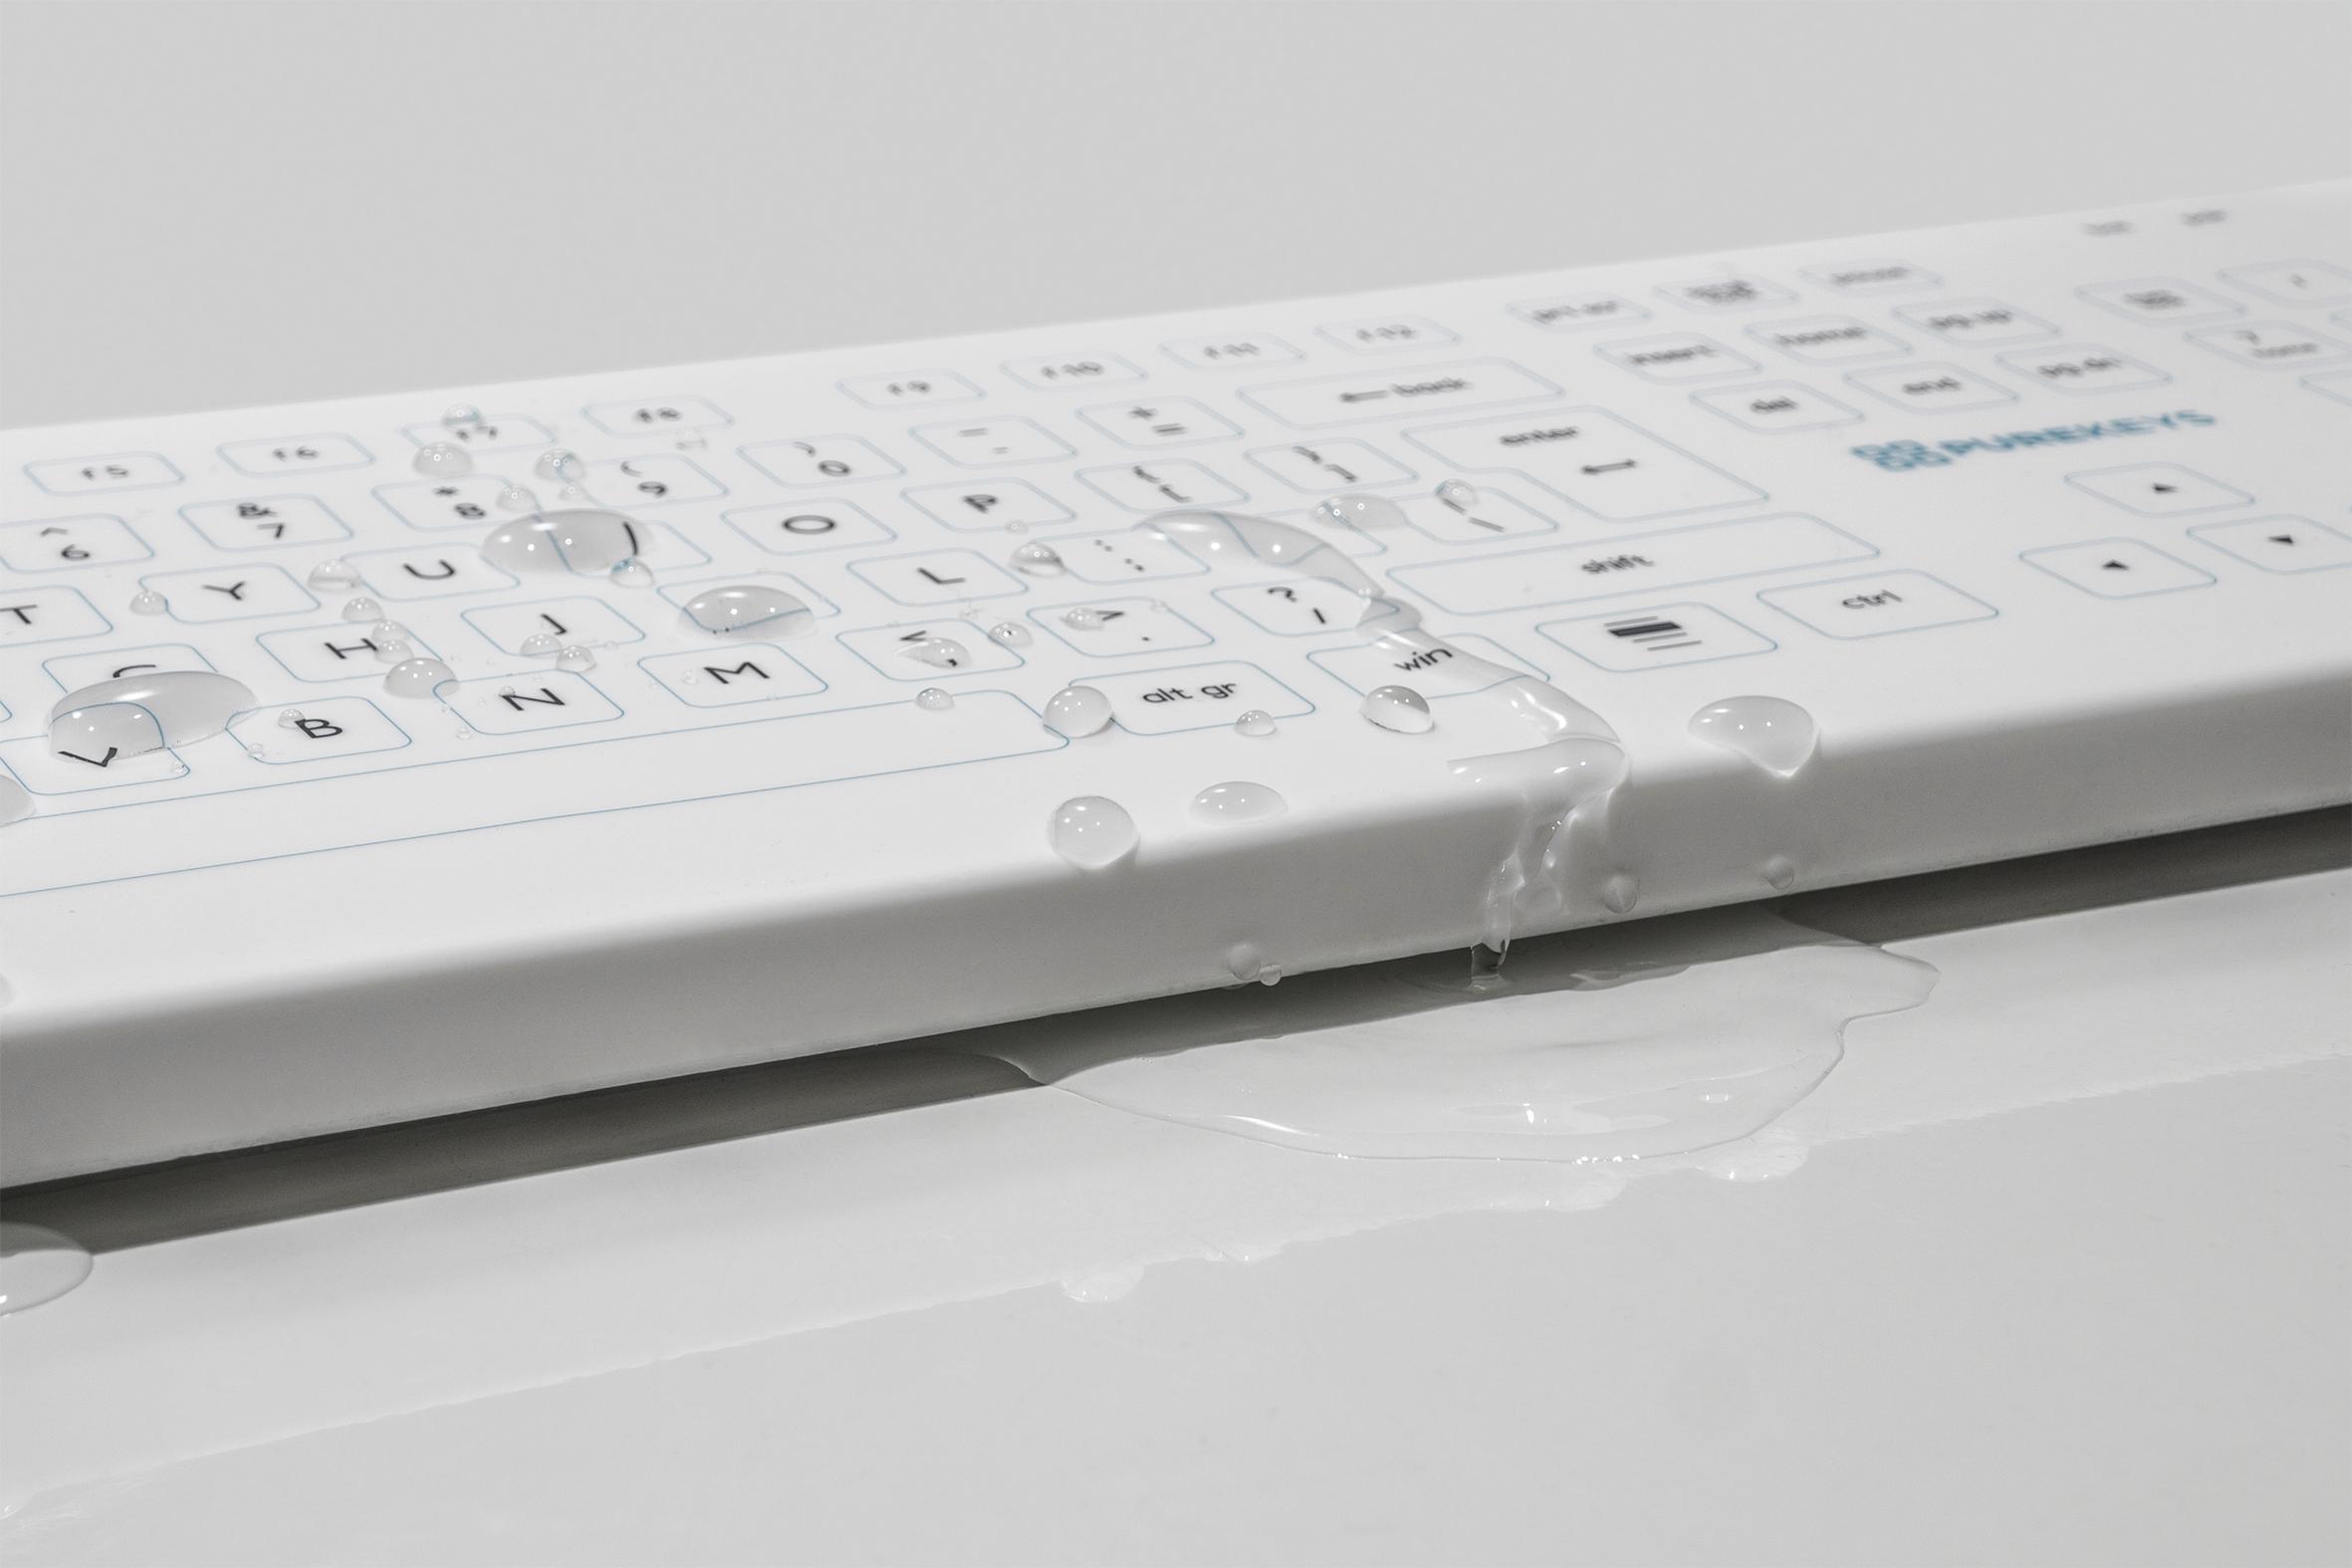 drops-on-keyboard.jpg